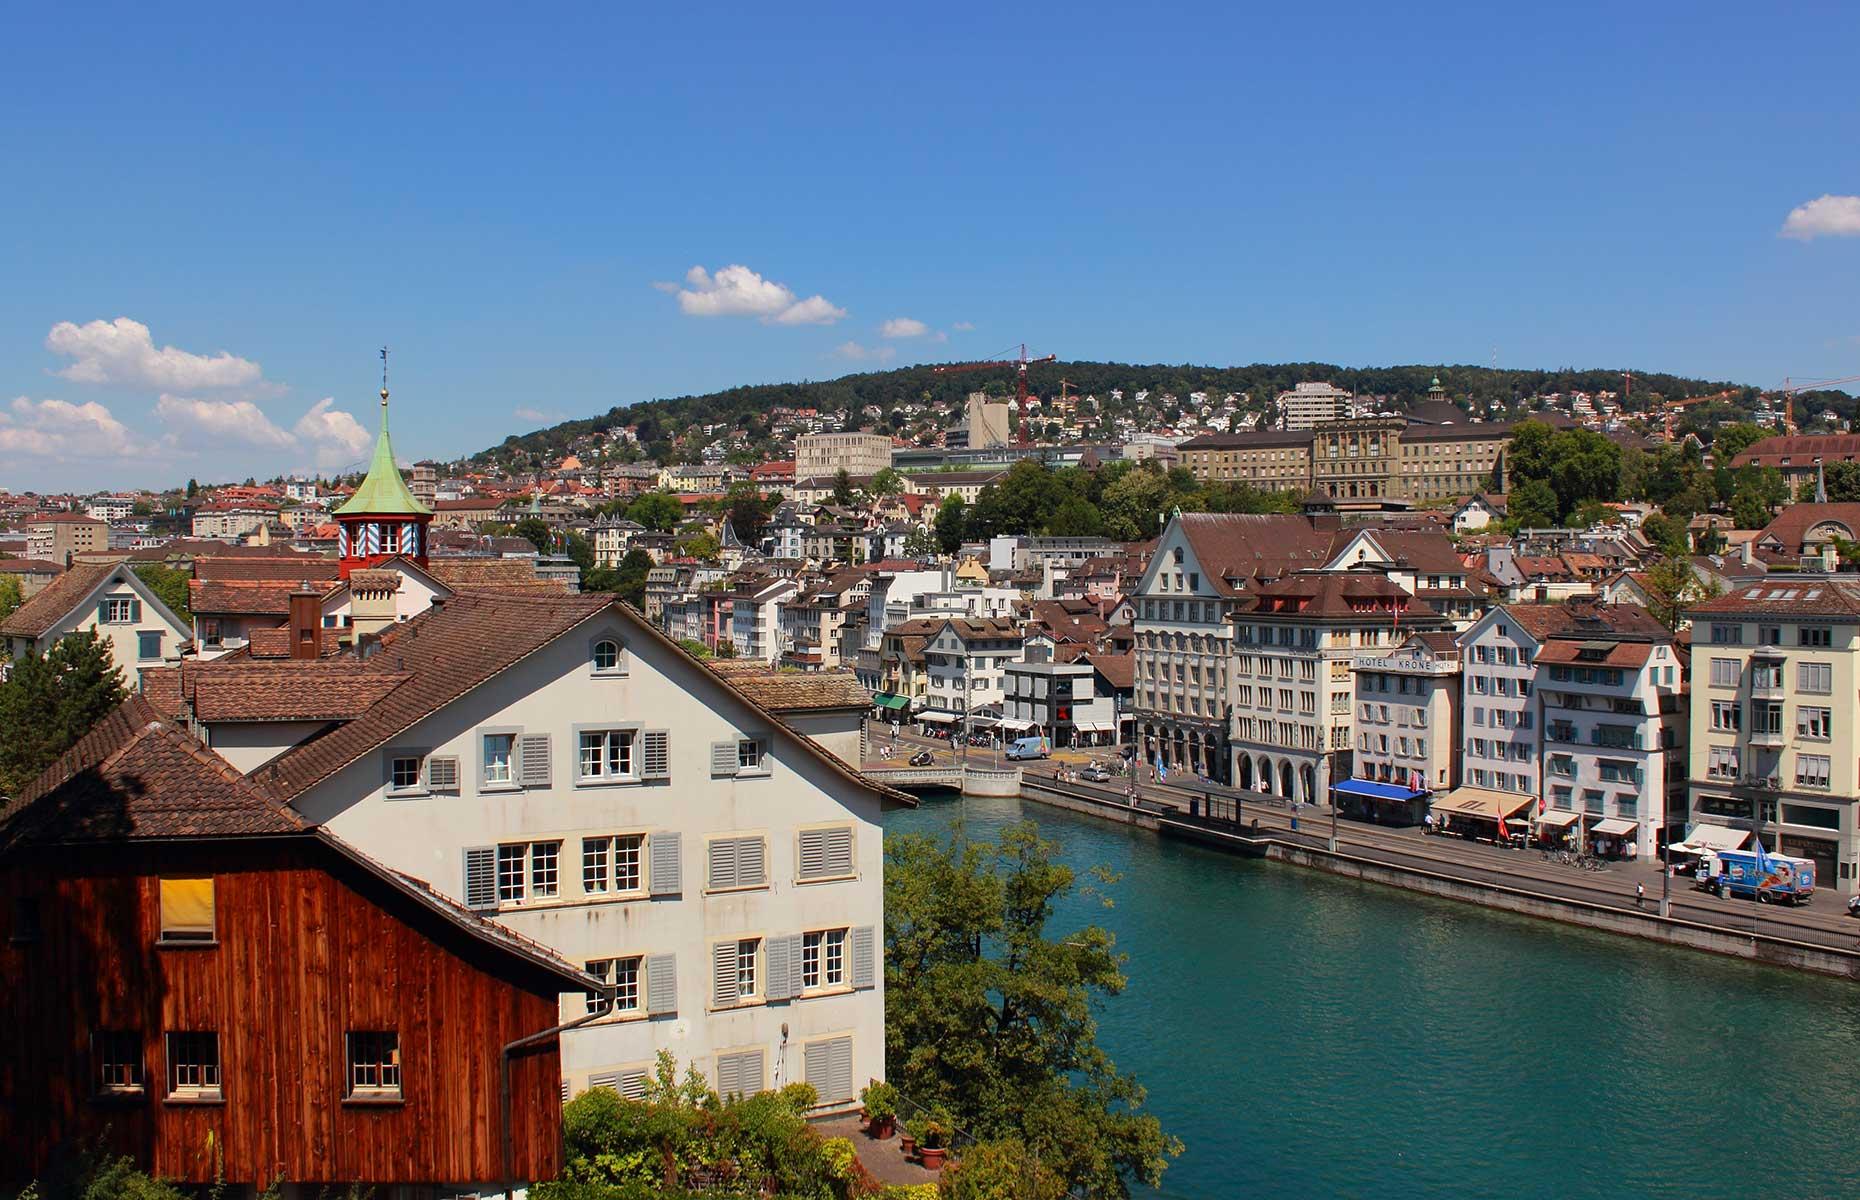 View from Lindenhof, Zurich